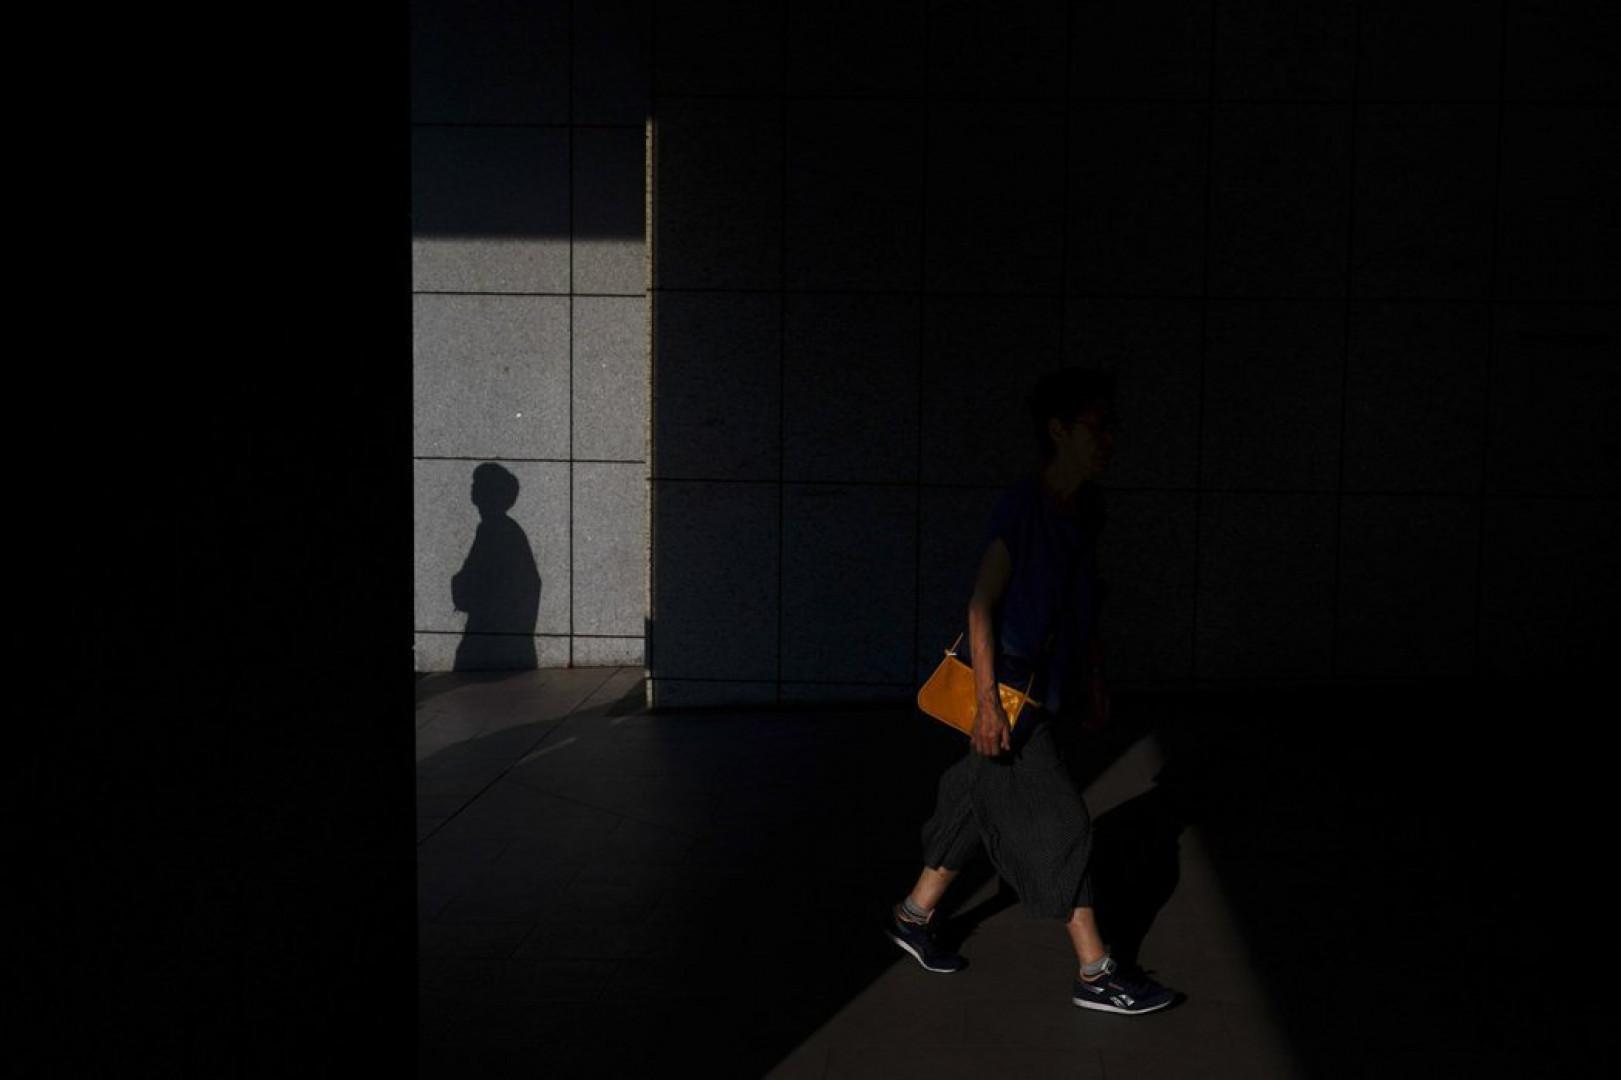 【觀點】江鎬佑/小玉換臉罪責如「轉傳A片」?數位性暴力法制的缺角